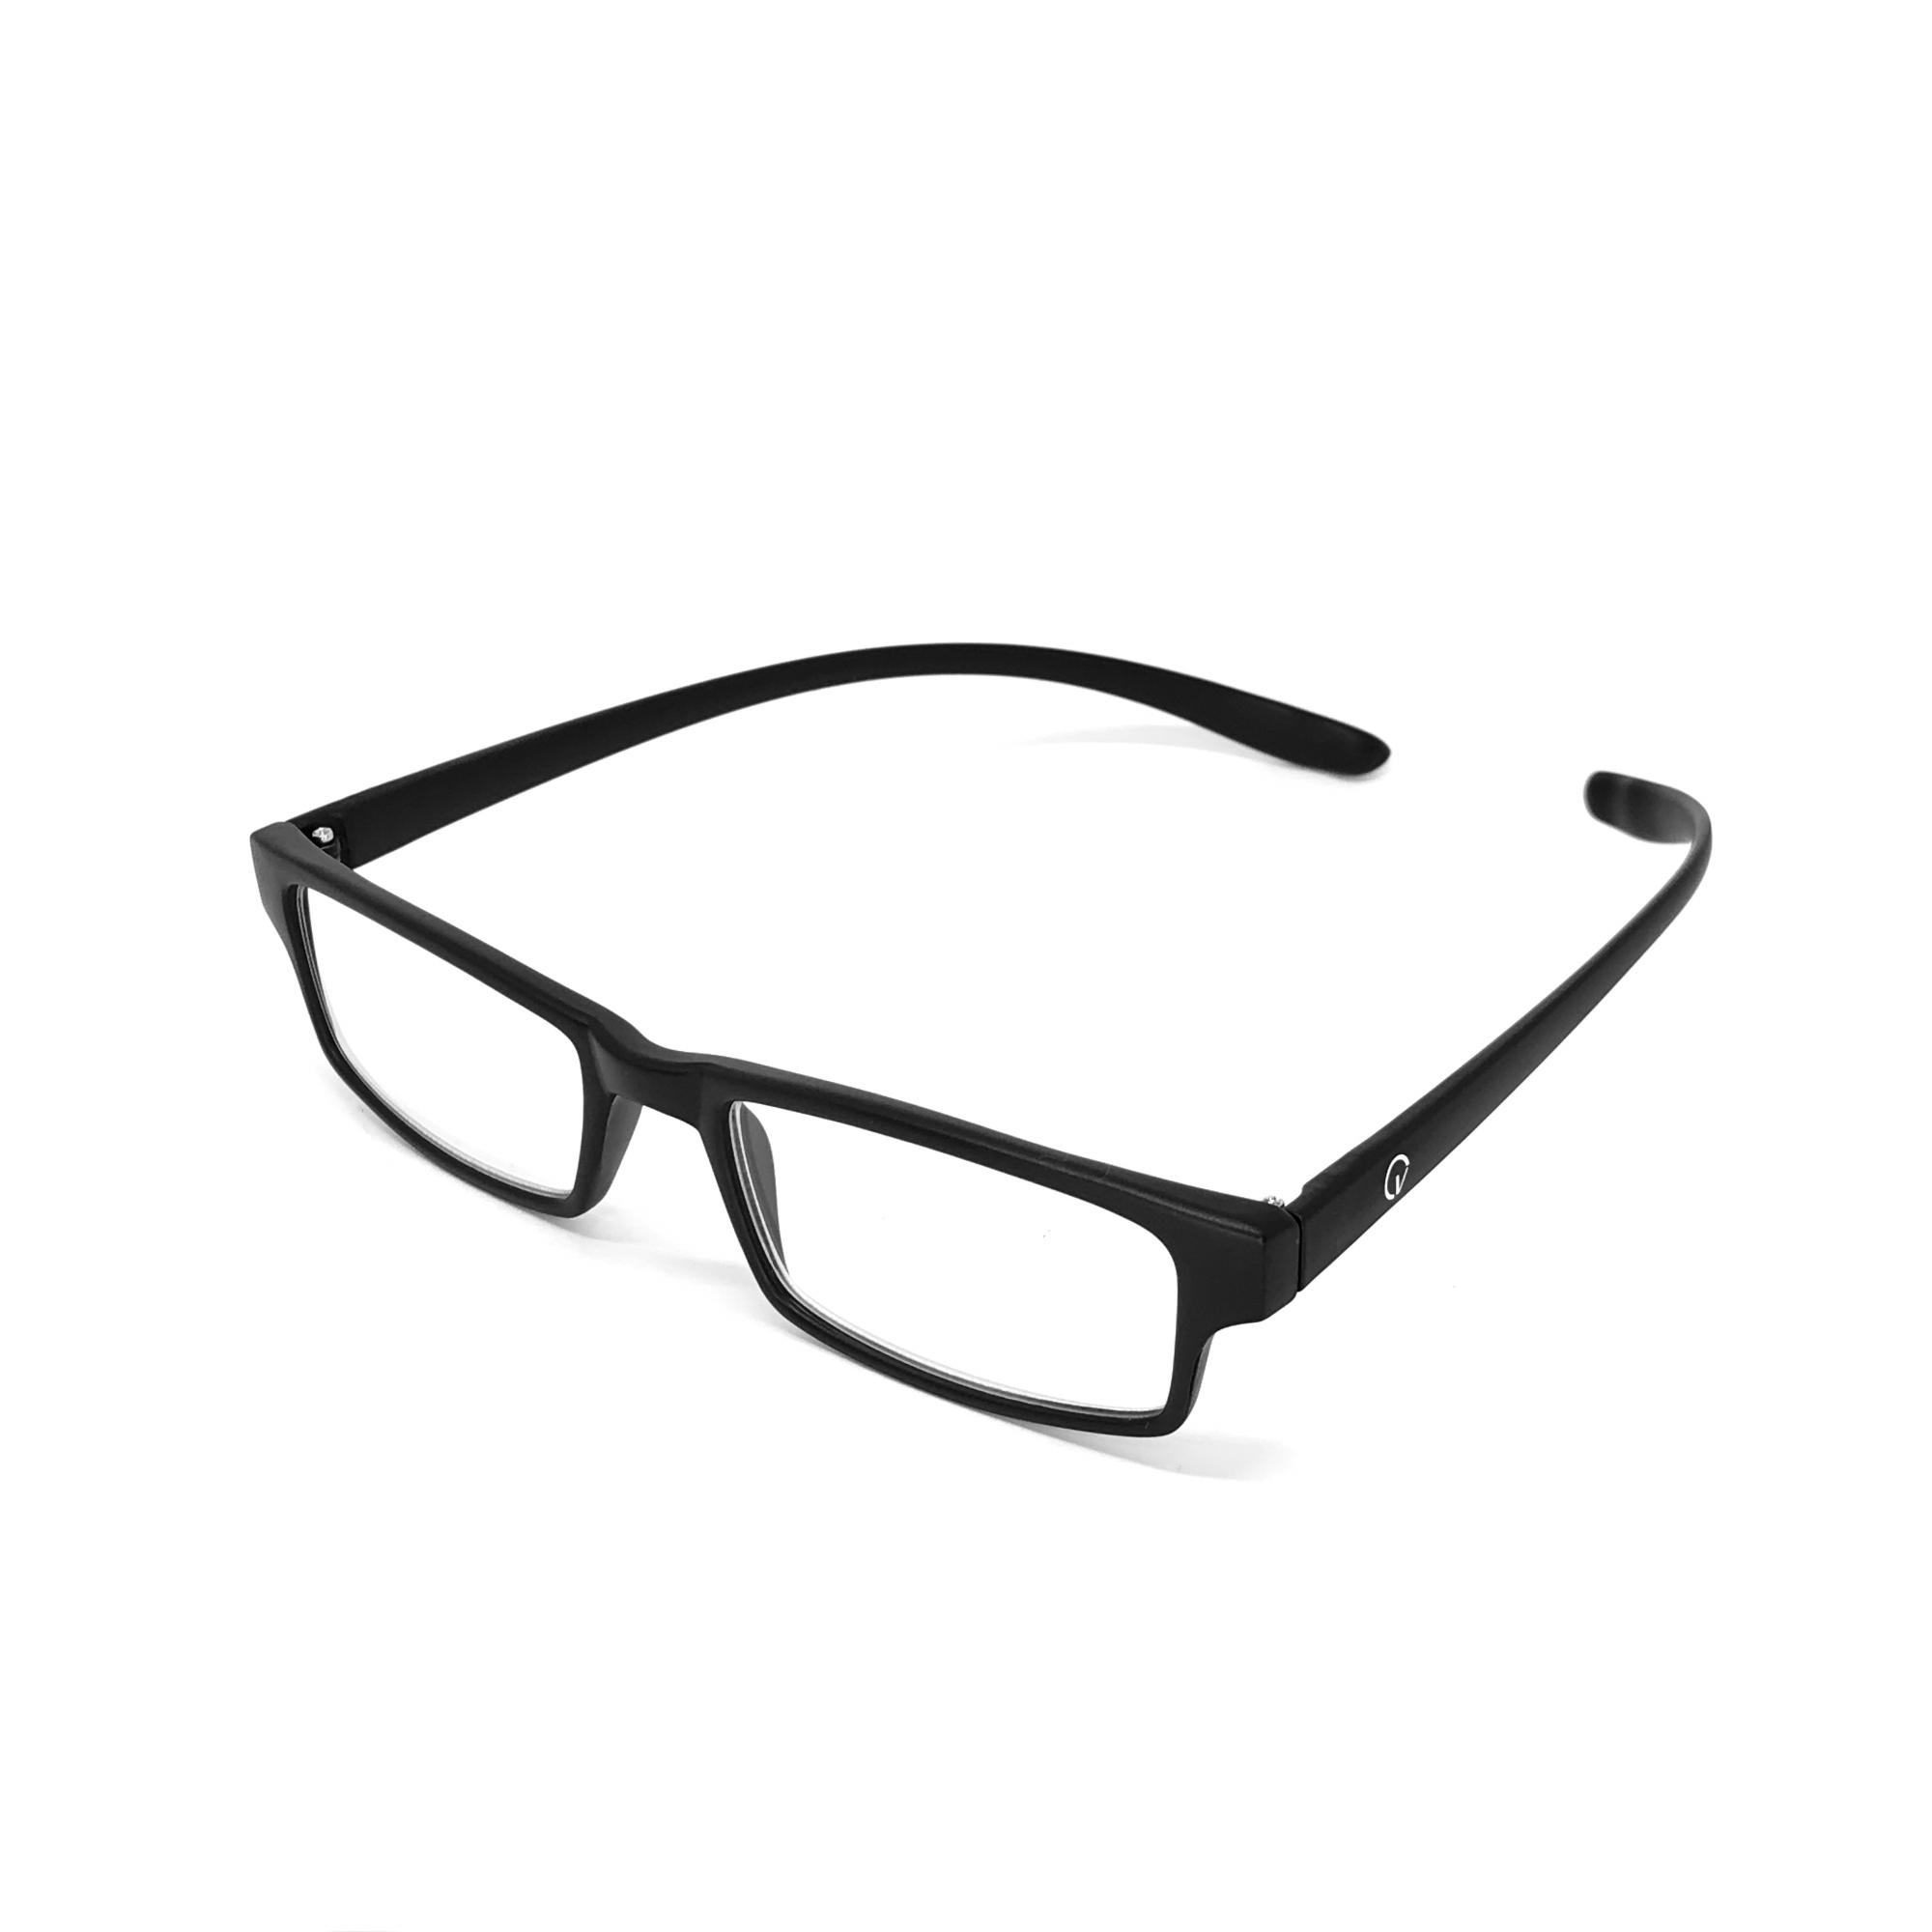 0869016 - Óculos Leitura Retangular Preto +3,50 Mod AR5087A - Contém 1 Peça